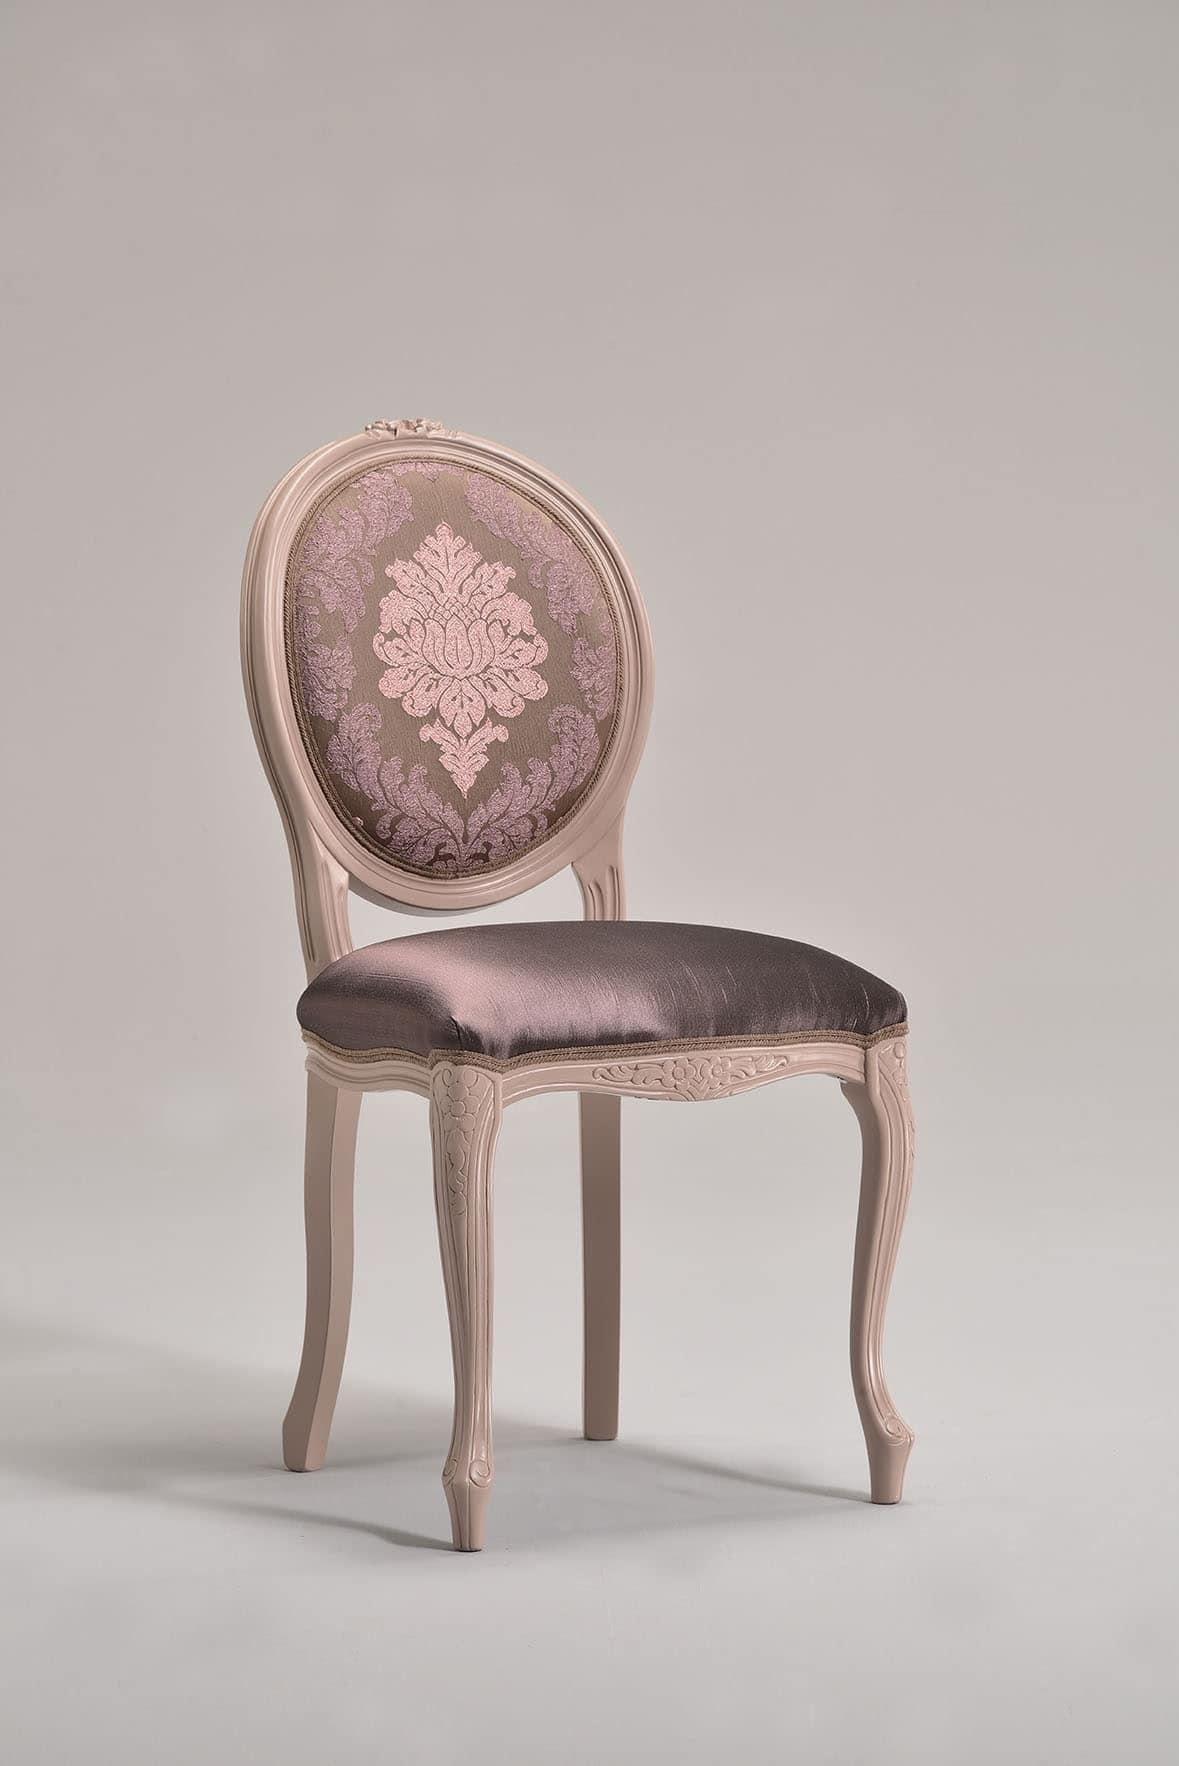 sedia in legno, rivestimenti personalizzabili, per caffè storico ... - Sedia Rivestimento Tessuto Caffe